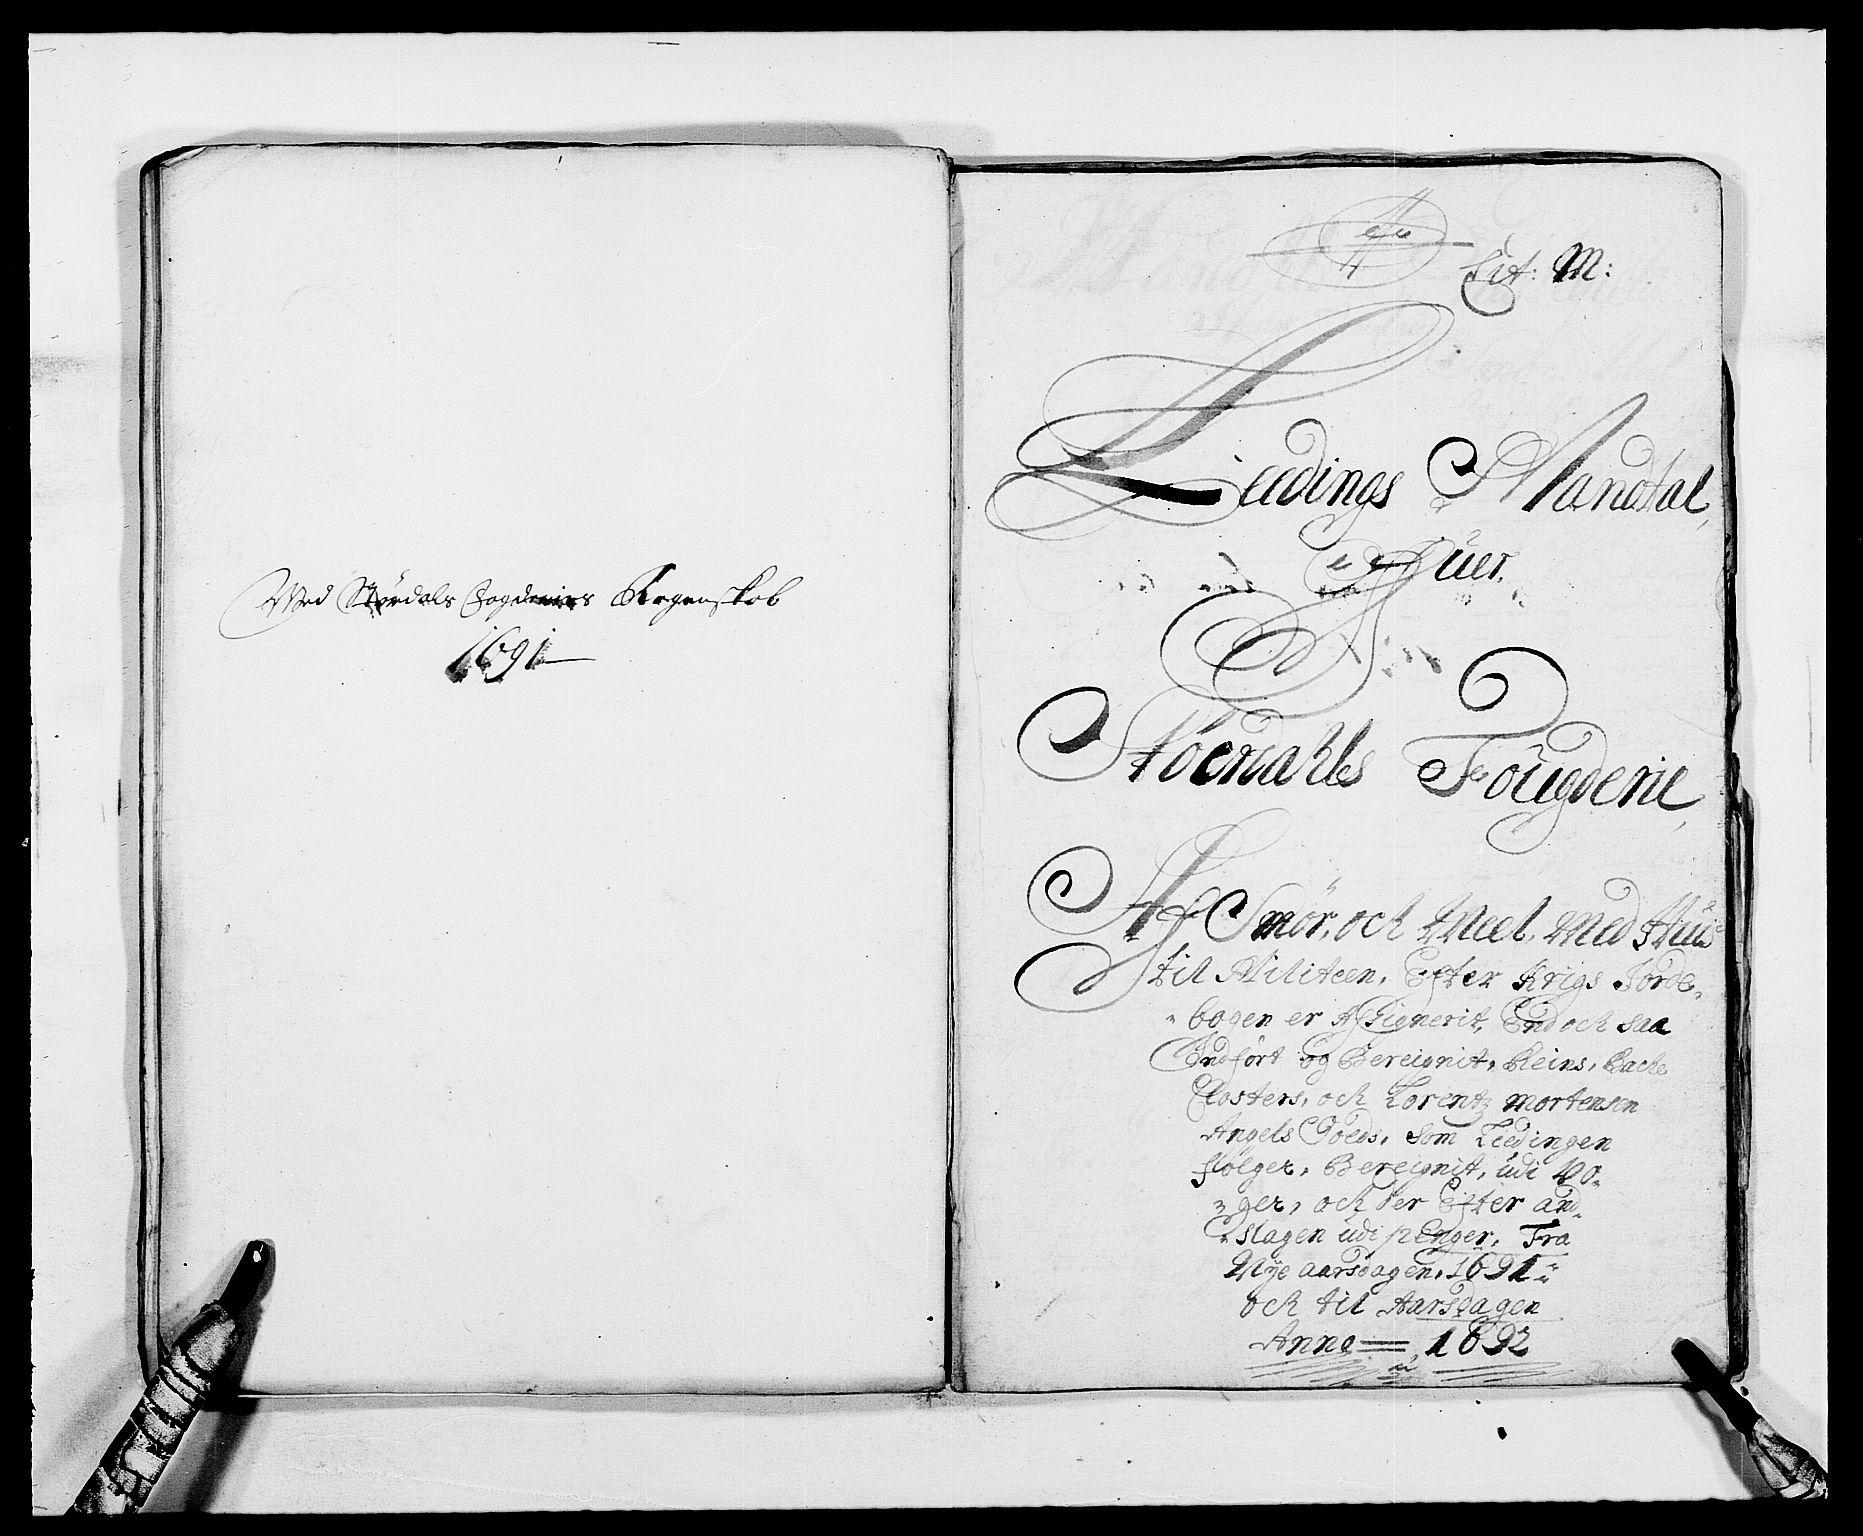 RA, Rentekammeret inntil 1814, Reviderte regnskaper, Fogderegnskap, R62/L4184: Fogderegnskap Stjørdal og Verdal, 1690-1691, s. 395